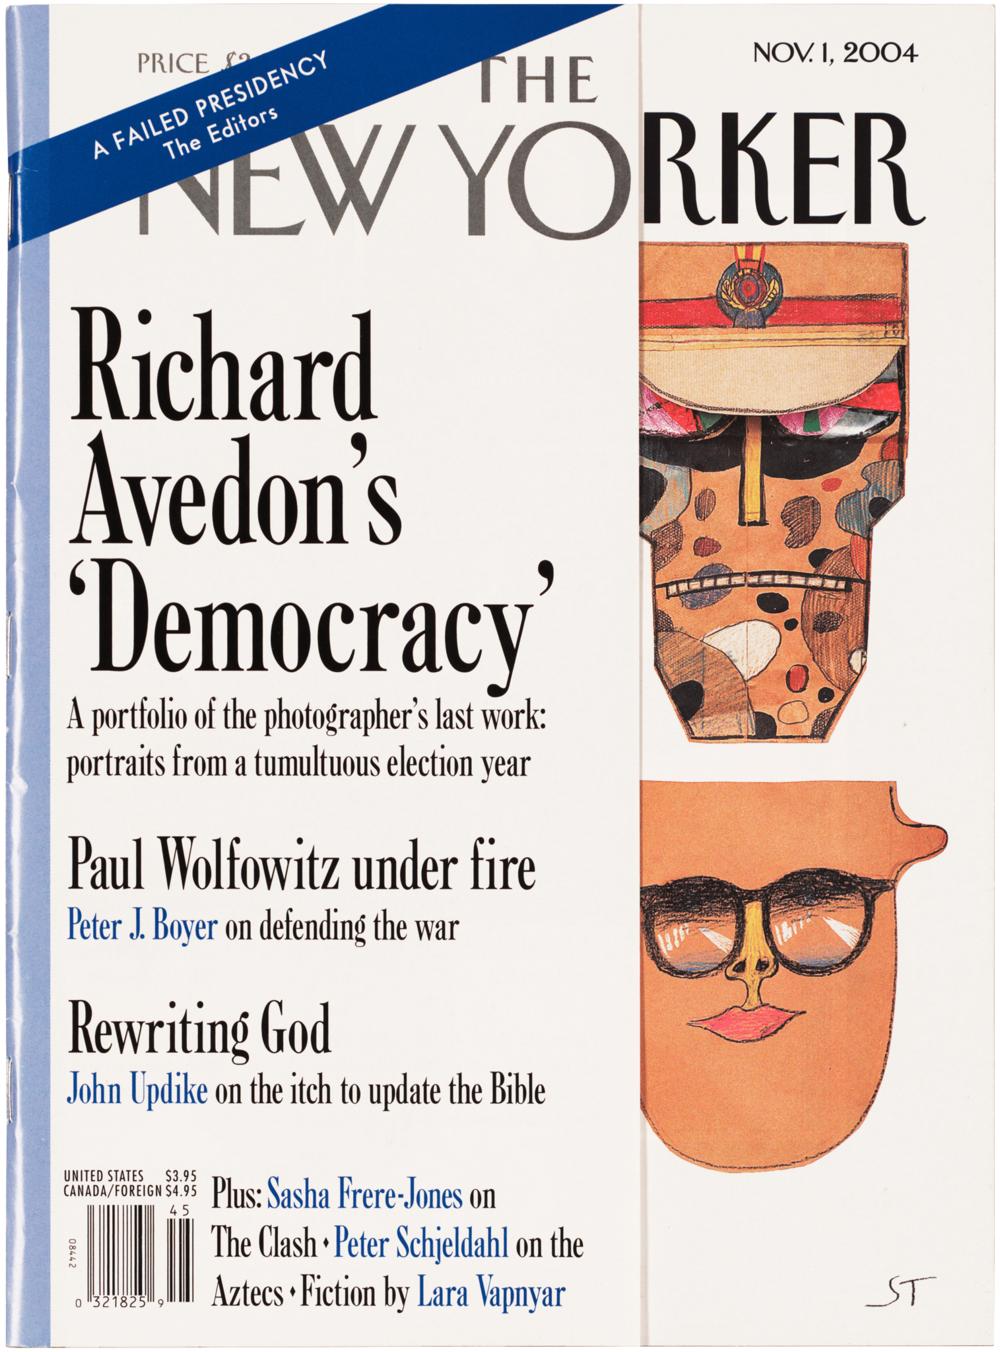 The New Yorker, November 1, 2004